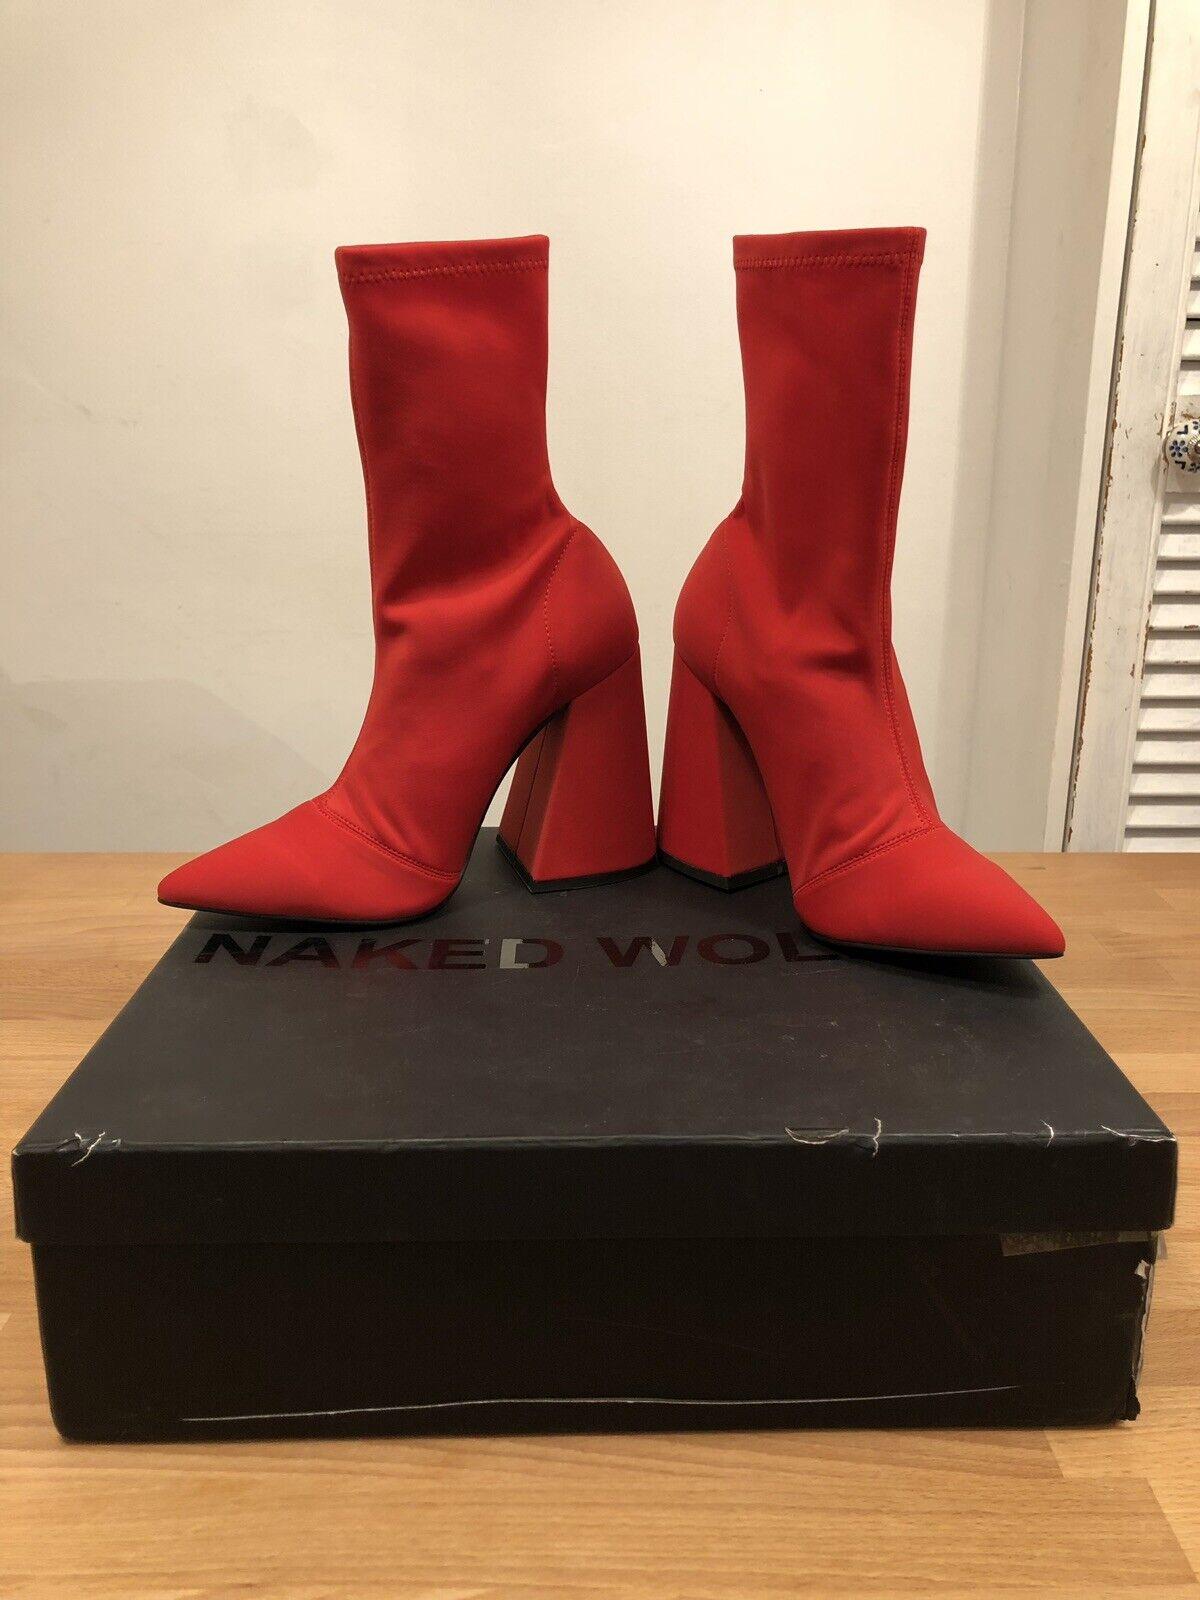 consegna rapida NUDO Wolfe Rosso STRETCH Lycra alla Caviglia Donna Donna Donna Stivale  Taglia UK5  NUOVO  solo      profitto zero